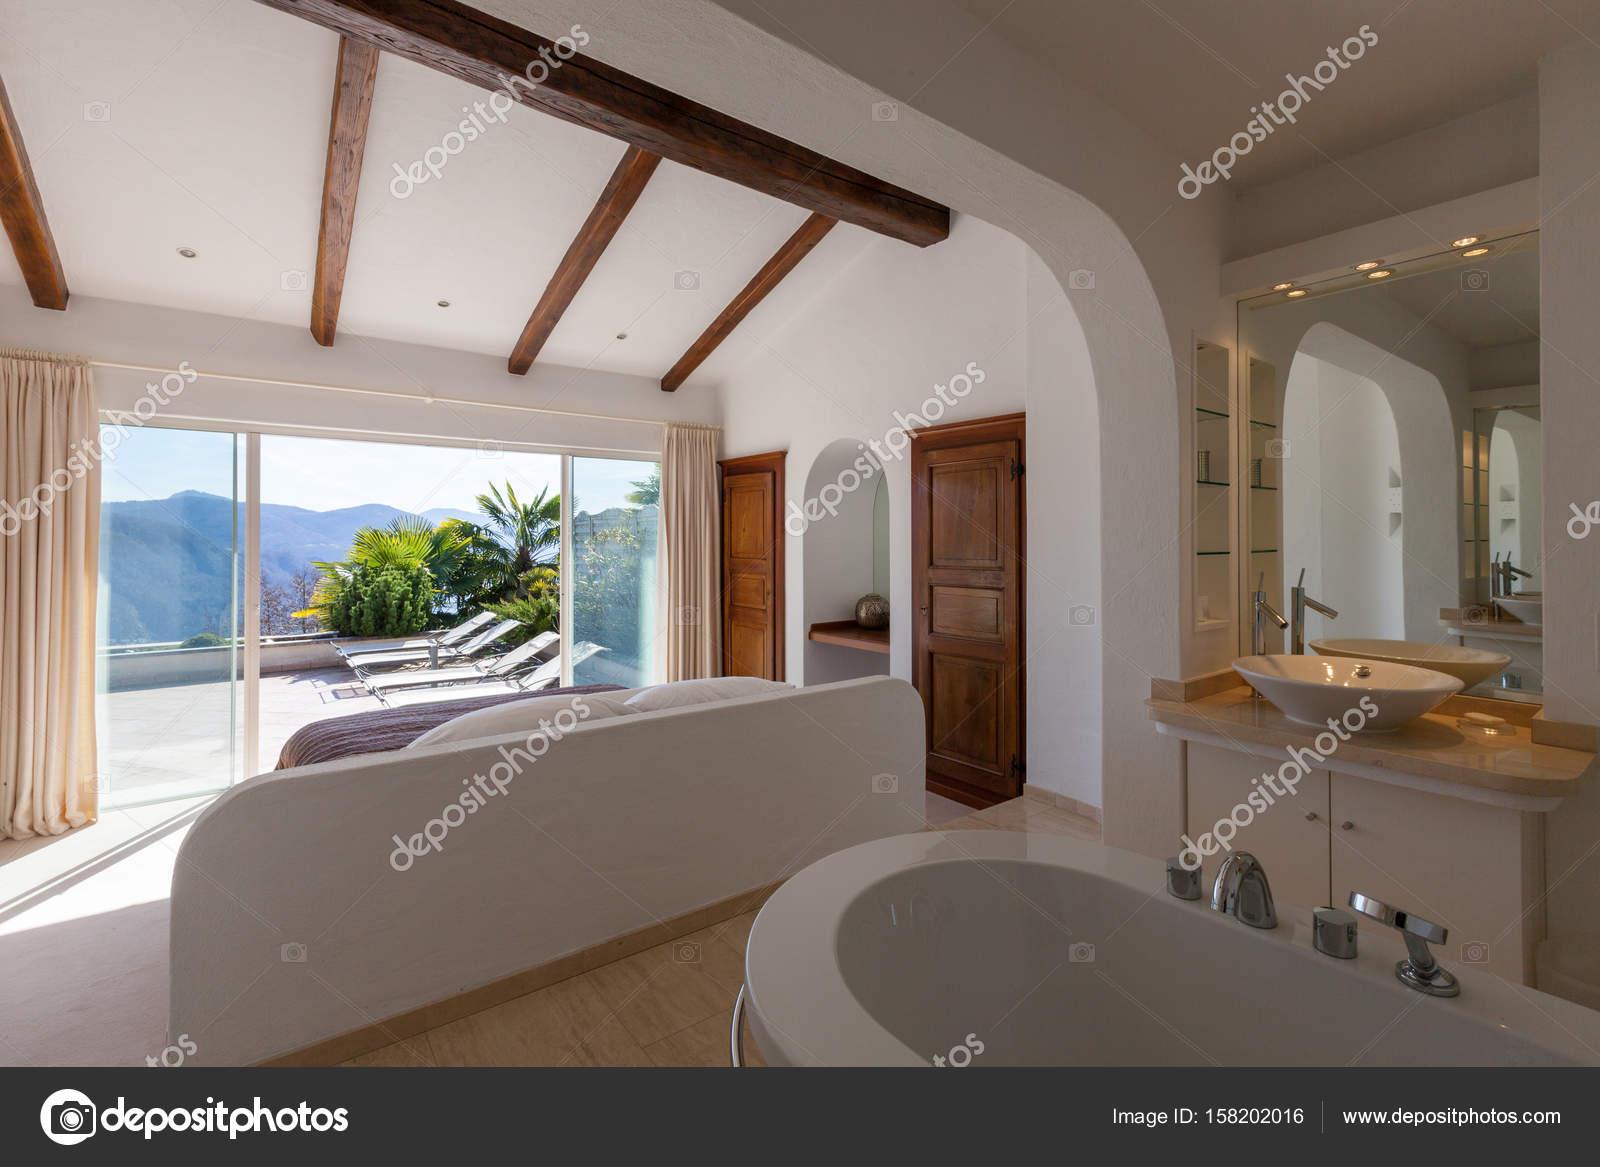 Vasca Da Bagno In Camera Da Letto : Fantastico camere da letto bungalow wi f homeaway